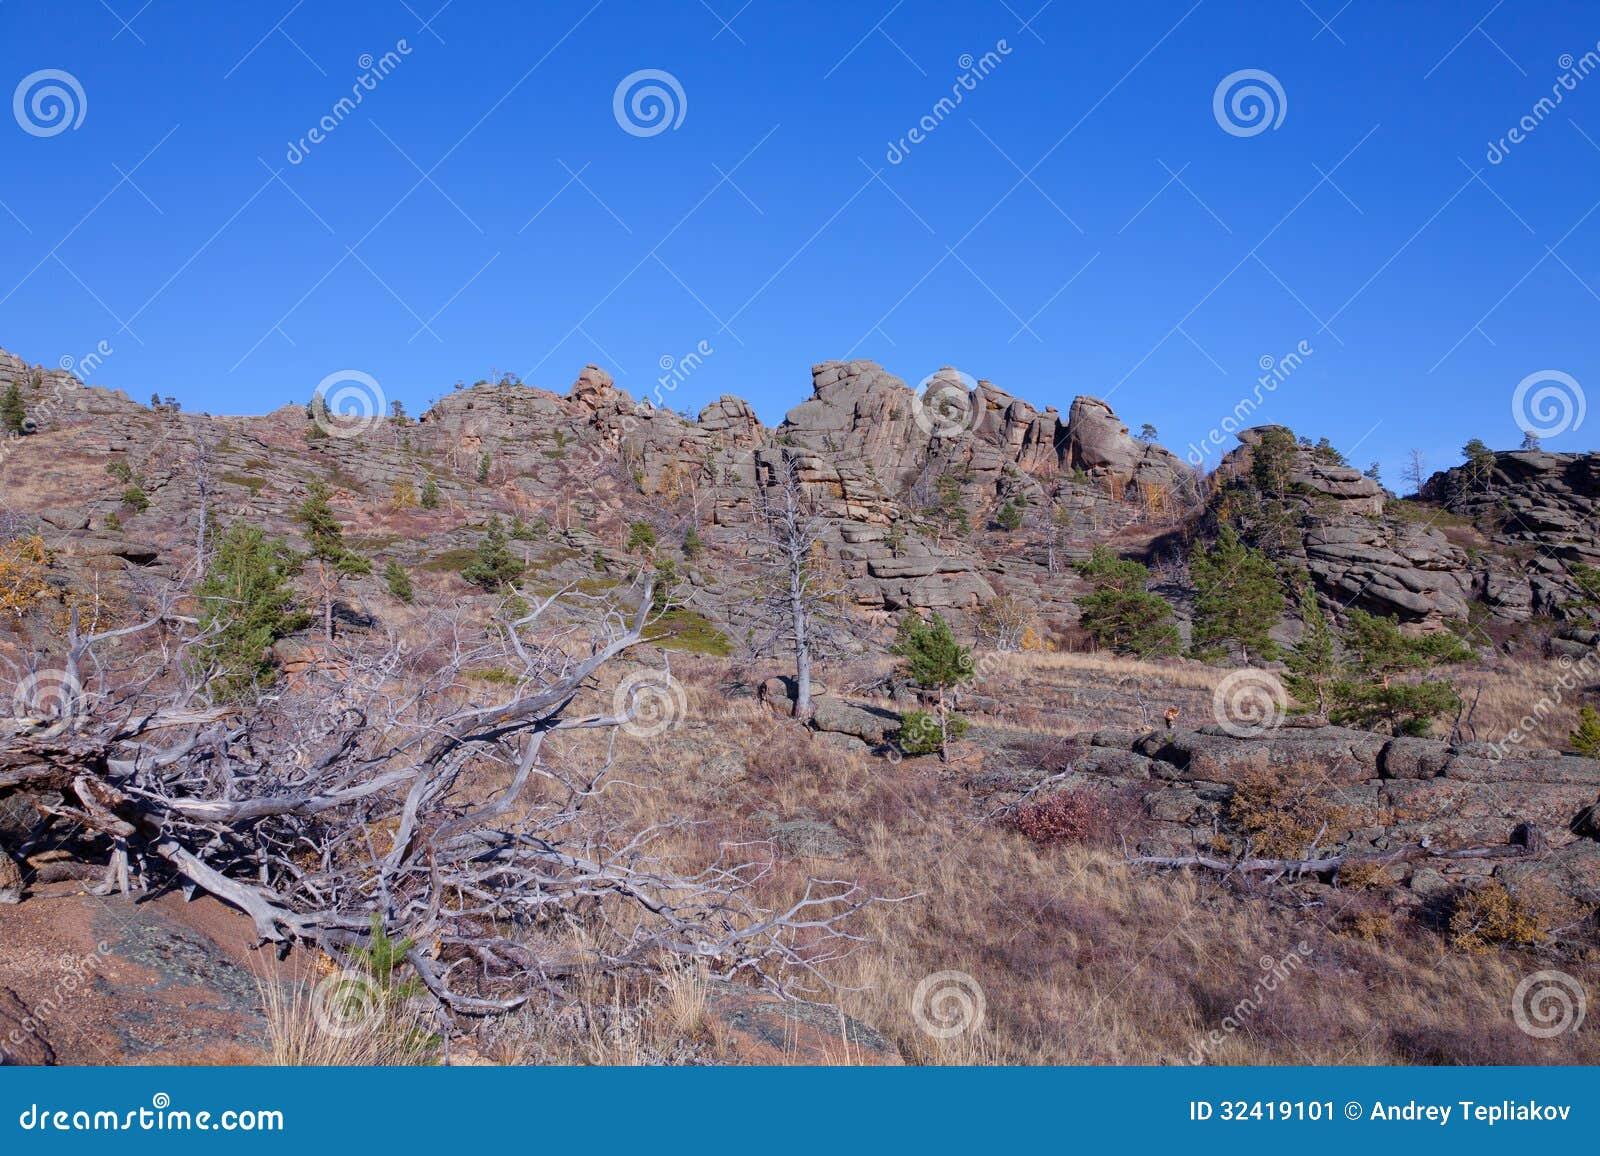 Высушенные деревья в горах